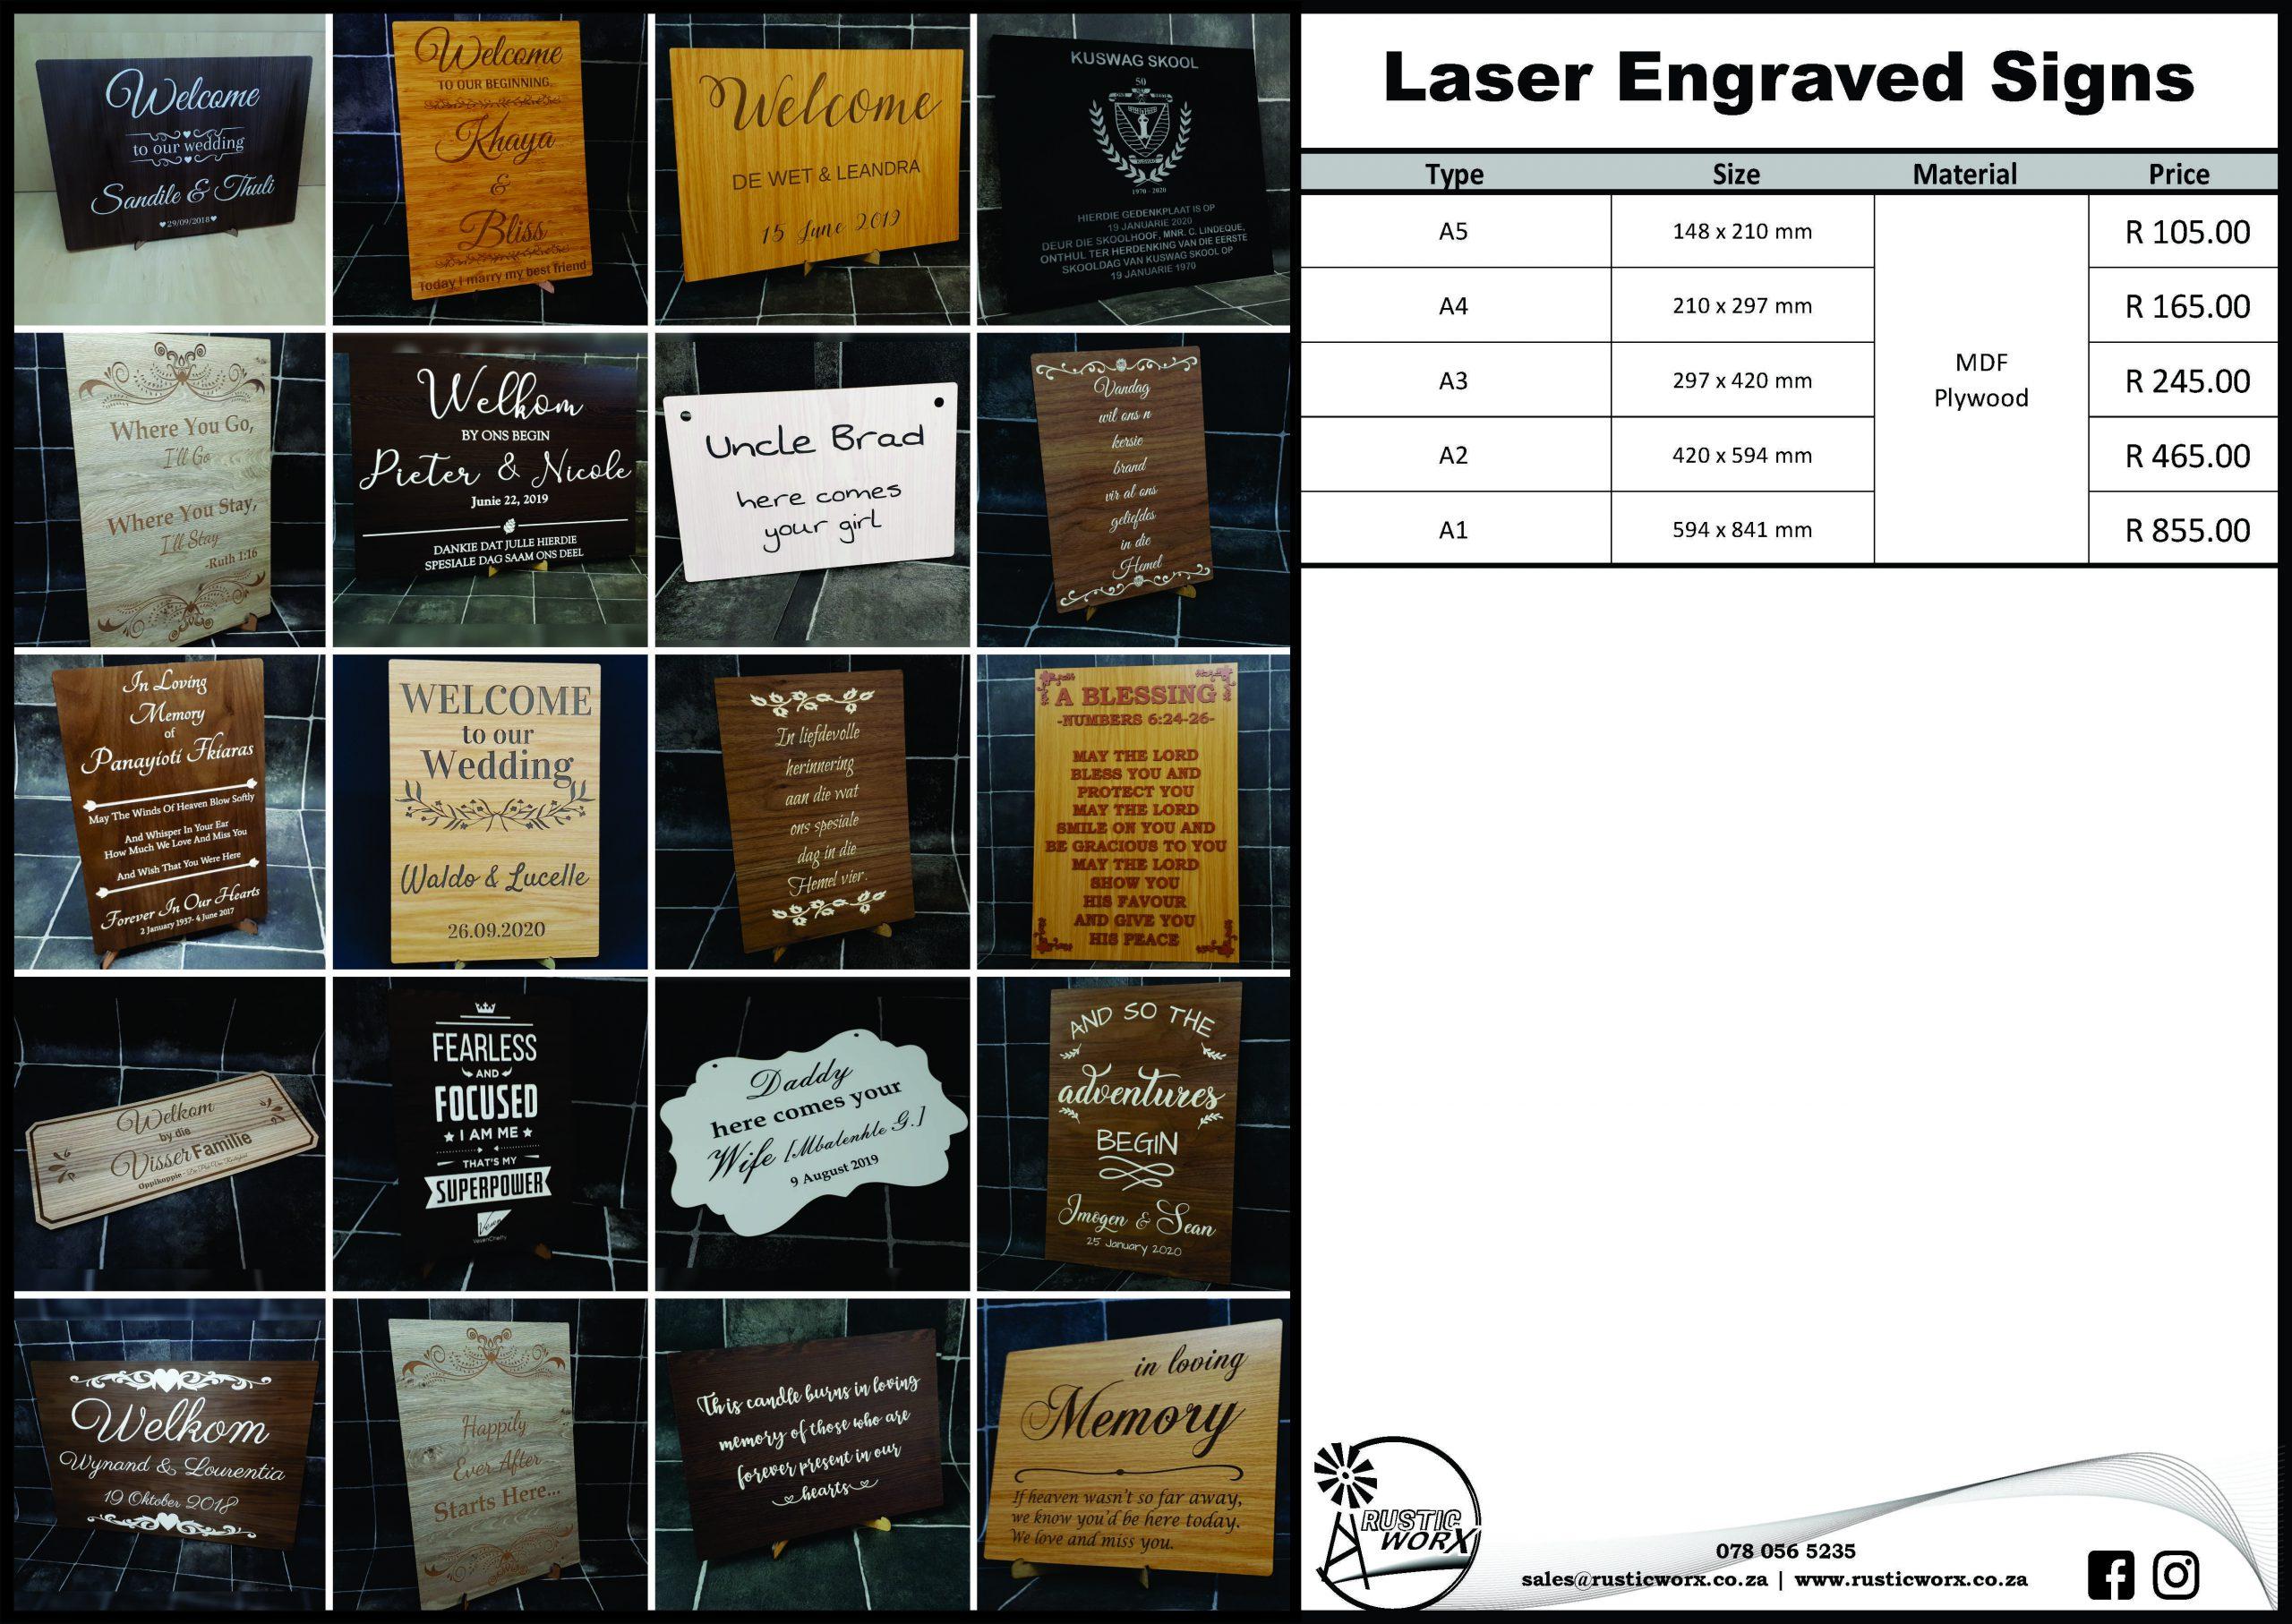 19.2 Signs Laser Engraved